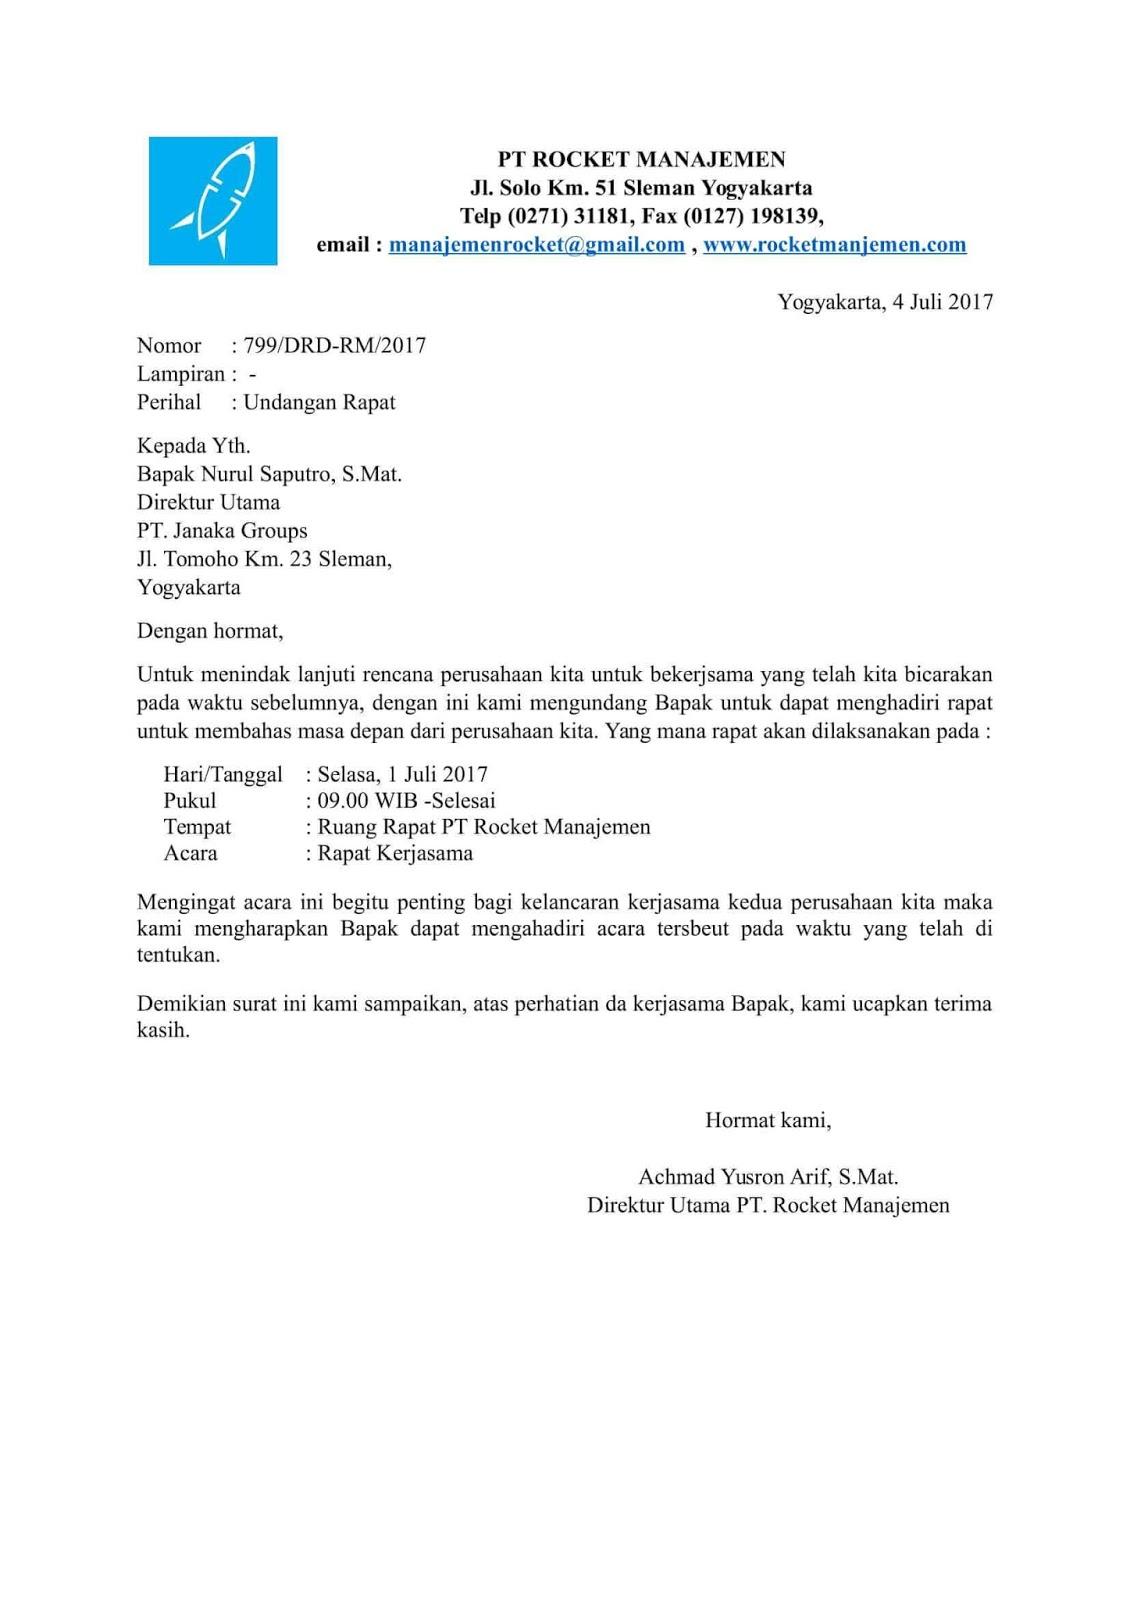 Contoh Surat Dinas Perusahaan